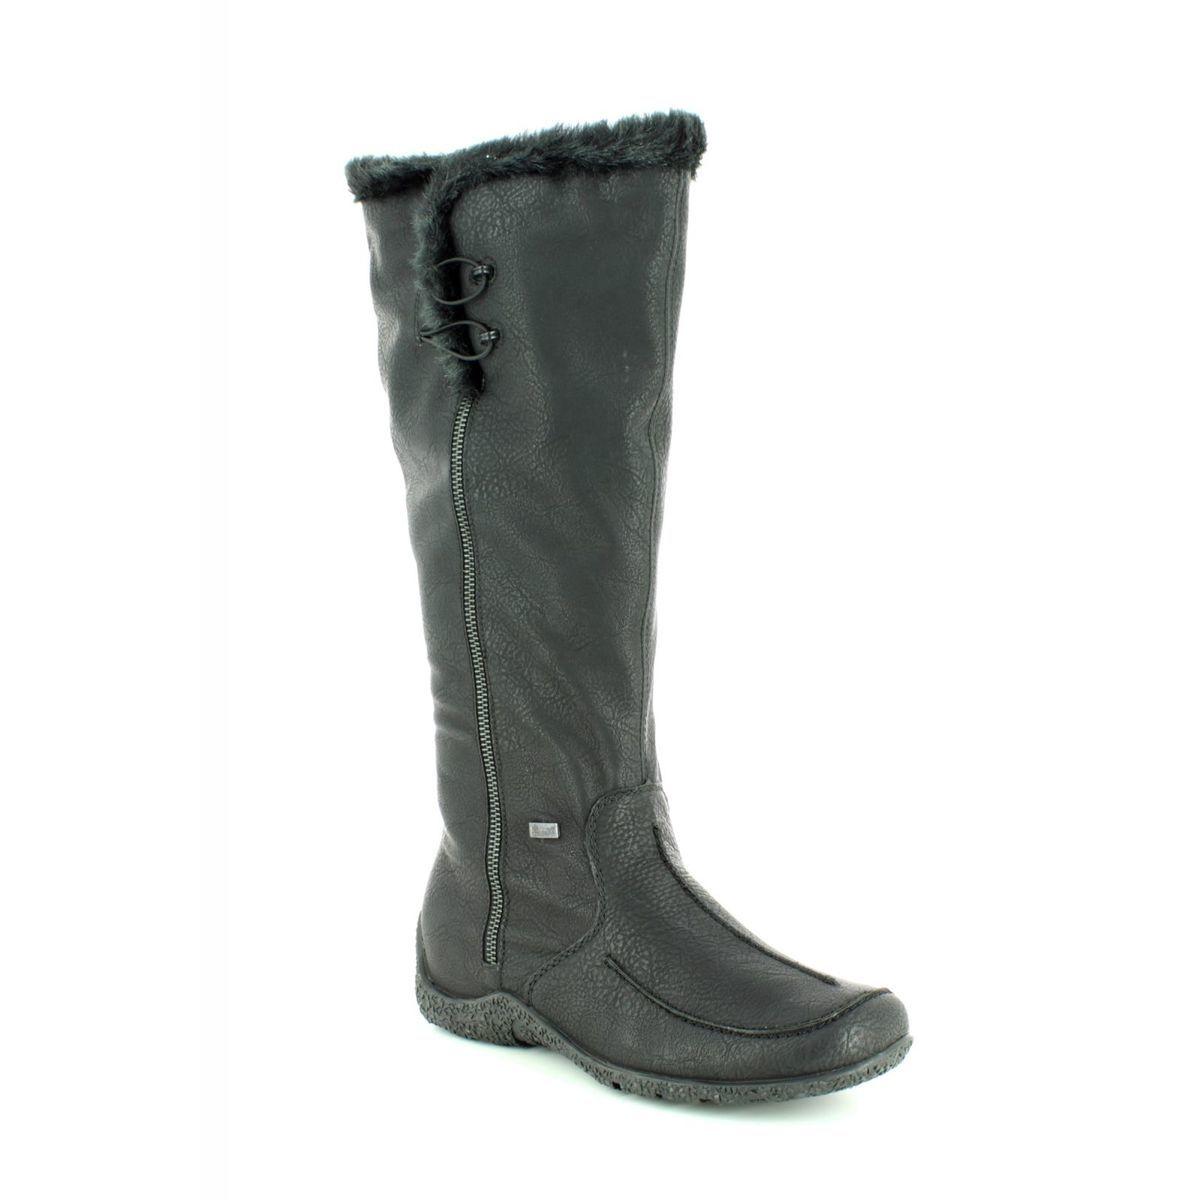 0ac53253dbb7f Rieker Knee-high Boots - Black - 79954-00 ASTRIFUR TEX